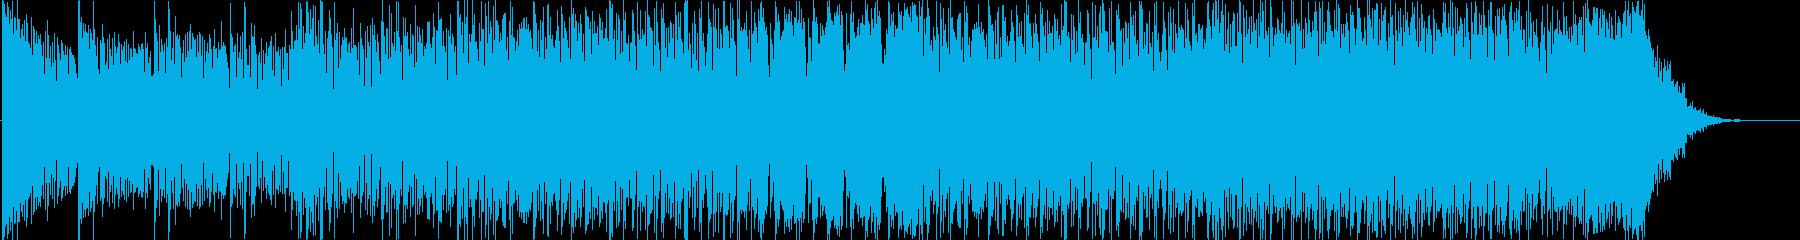 スポーツに合うギターメロのデジタルロックの再生済みの波形